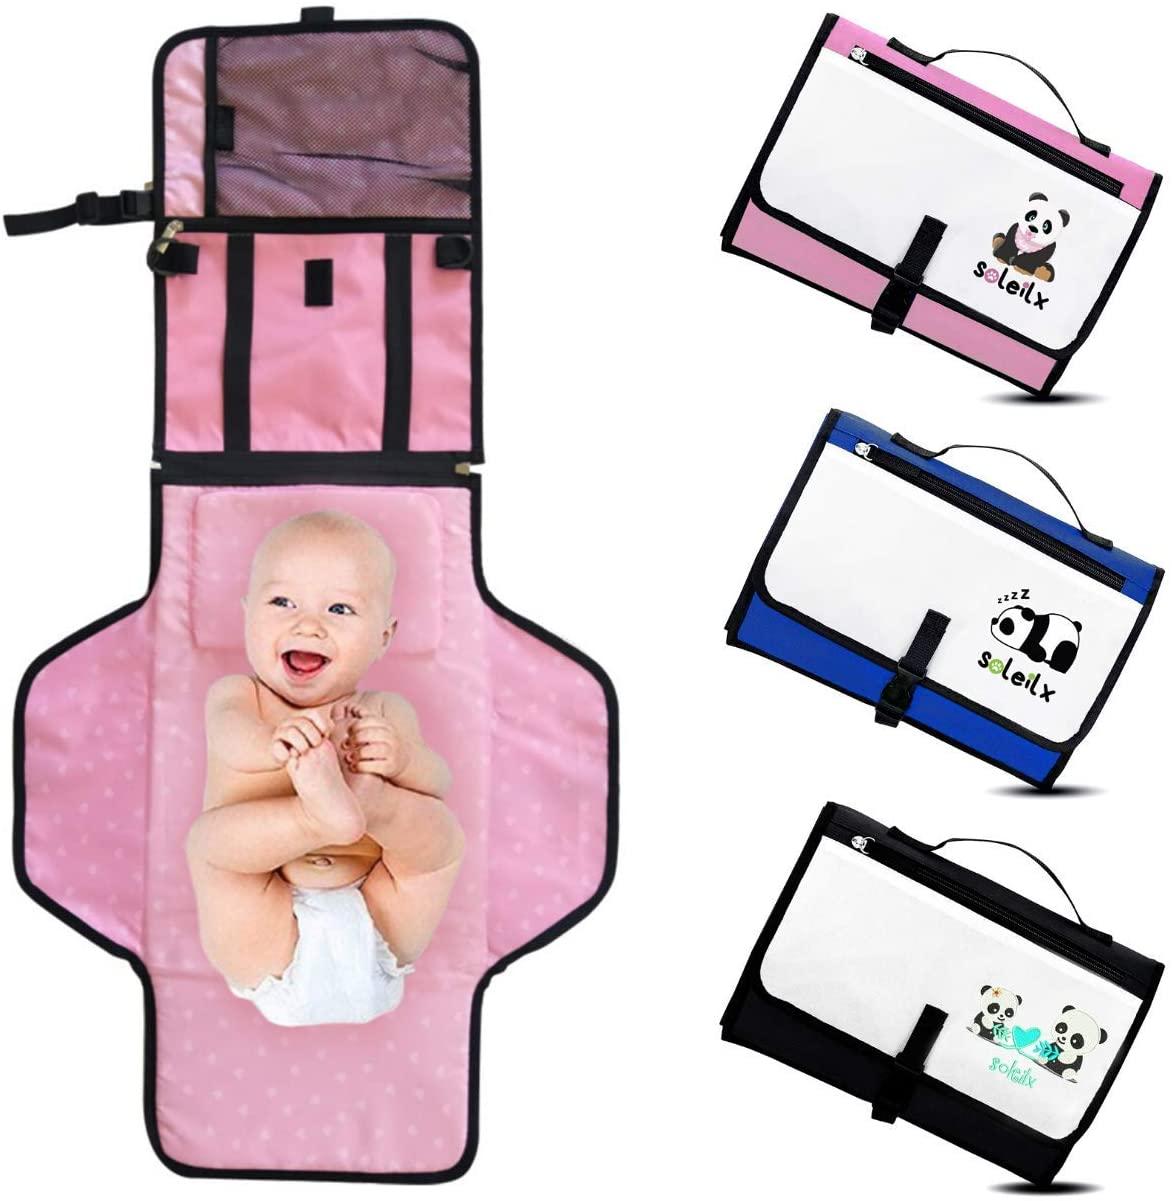 Cambiador portátil plegable con diseño de panda Bolso cambiador de viaje colchón cambiador pañal bolso cambiador de bebé accesorios set de regalo para recién nacidos, kit de regalo para niño o niña